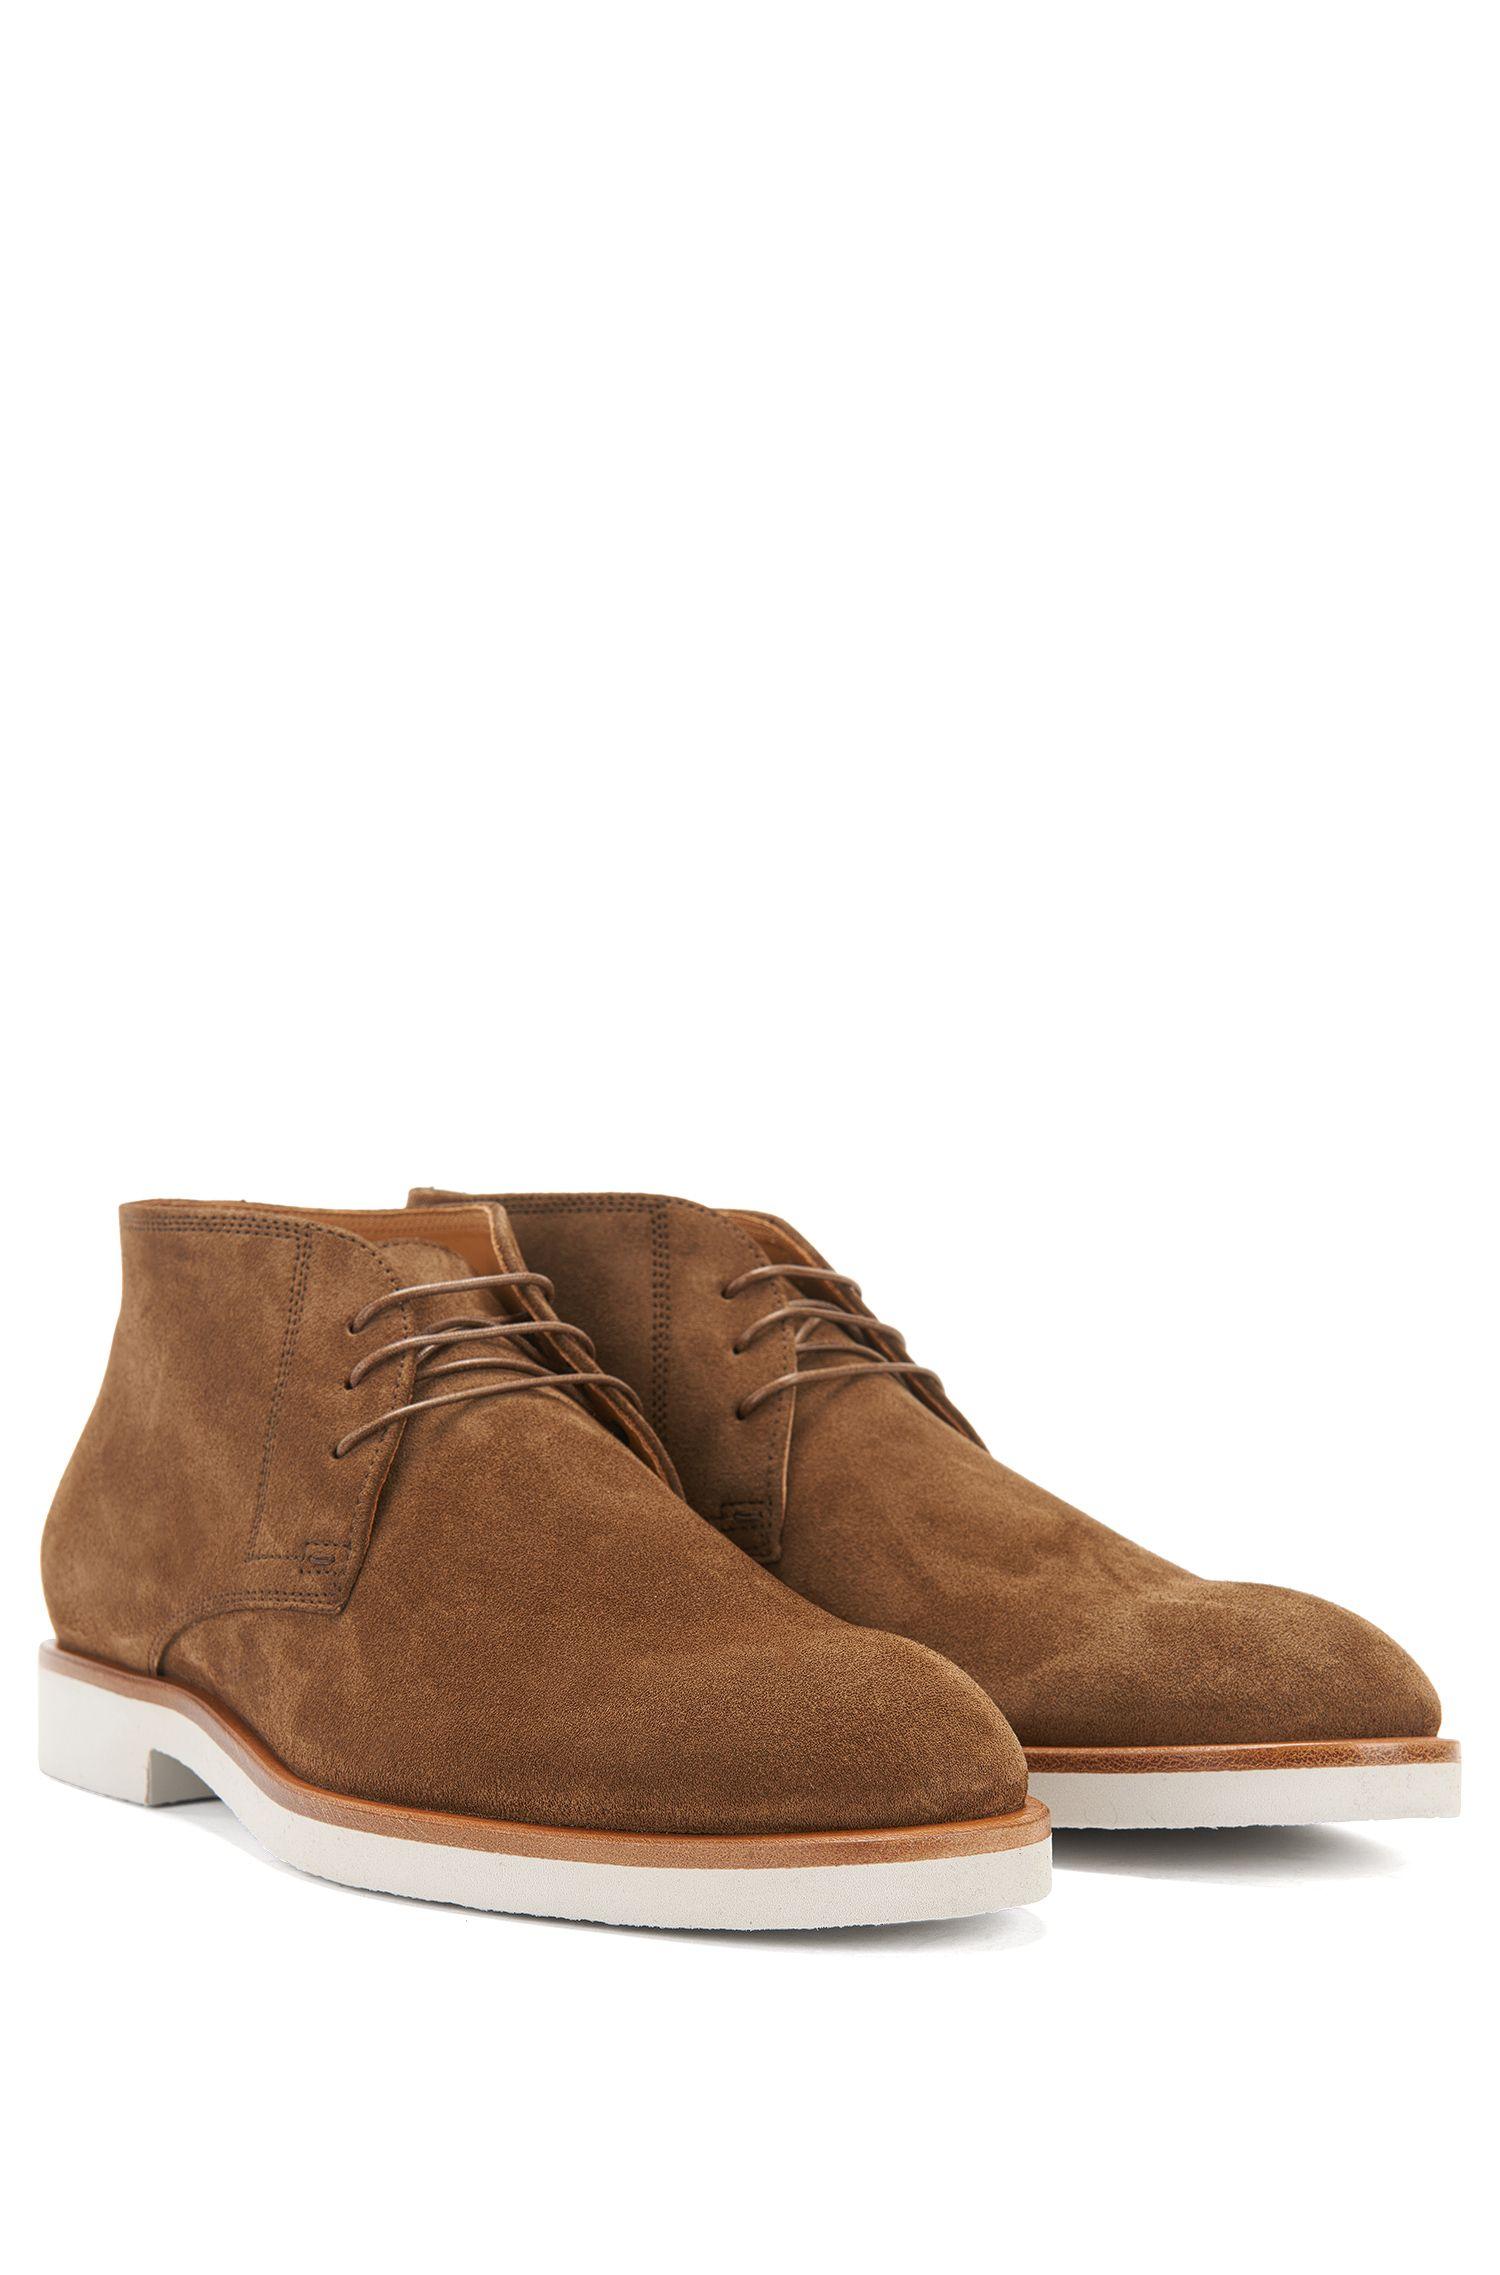 Suede desert boots on a cr</ototo></div>                                   <span></span>                               </div>             <div>                                     <div>                                             <div>                                                     <div>                                                             <div>                                                                     <div>                                                                             <div>                                           Translate                                        </div>                                                                             <ul>                                                                                     <li>                                             English                                         </li>                                                                                     <li>                                             Spanish                                         </li>                                                                                     <li>                                             Chinese                                         </li>                                                                                     <li>                                             French                                         </li>                                                                                     <li>                                             German                                         </li>                                                                                     <li>                                             Korean                                         </li>                                                                                     <li>                                             Lao                                         </li>    